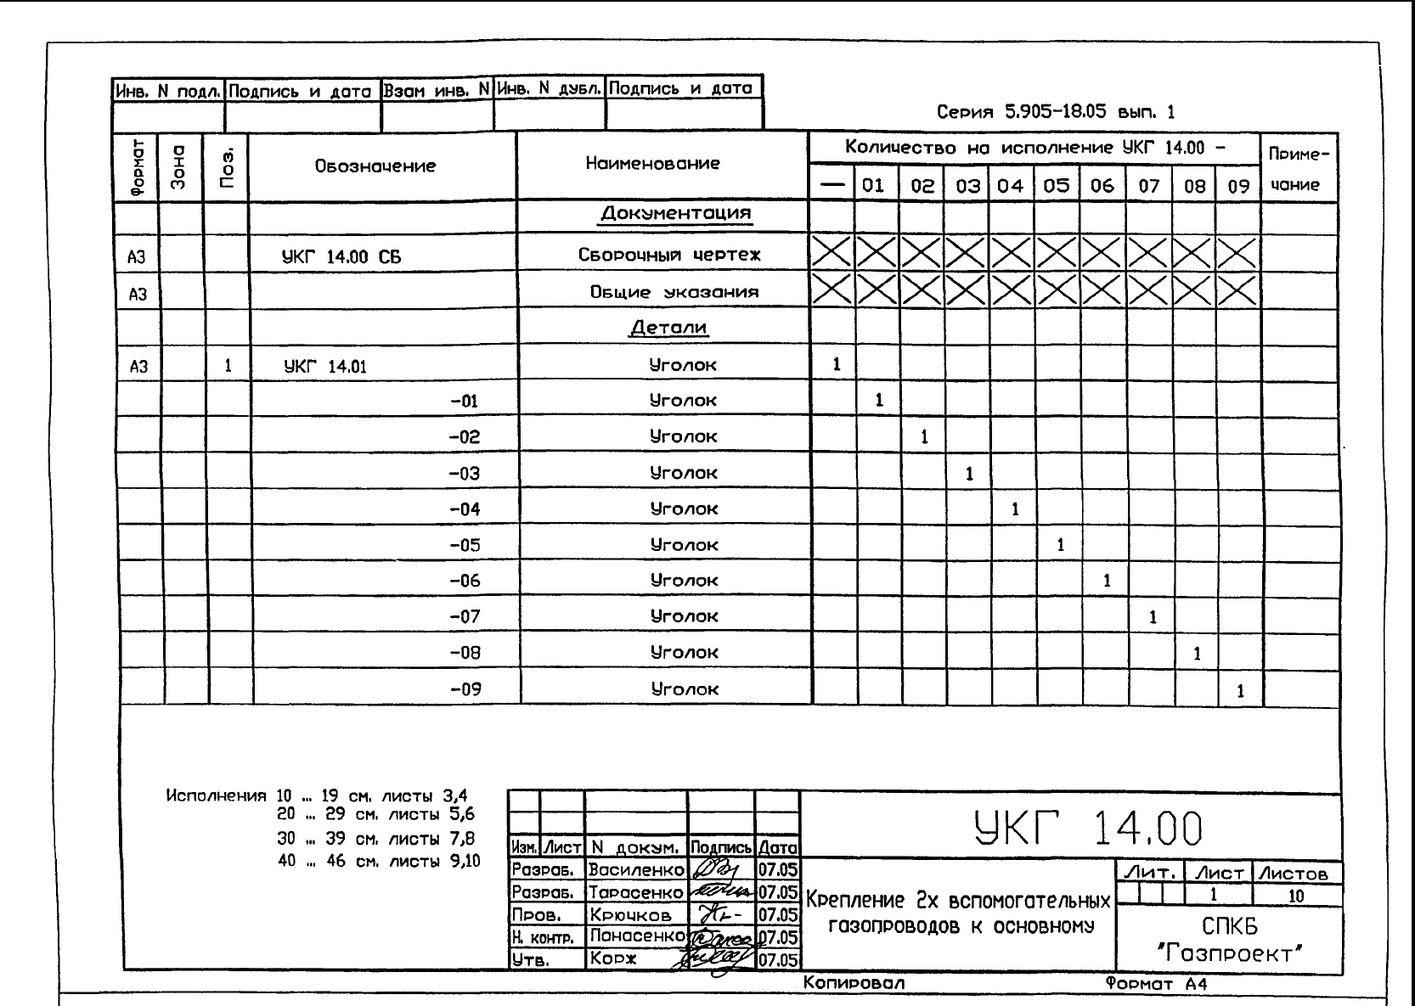 Крепление 2х (двух) вспомогательных газопроводов к основному УКГ 14.00 СБ серия 5.905-18.05 выпуск 1 стр.4